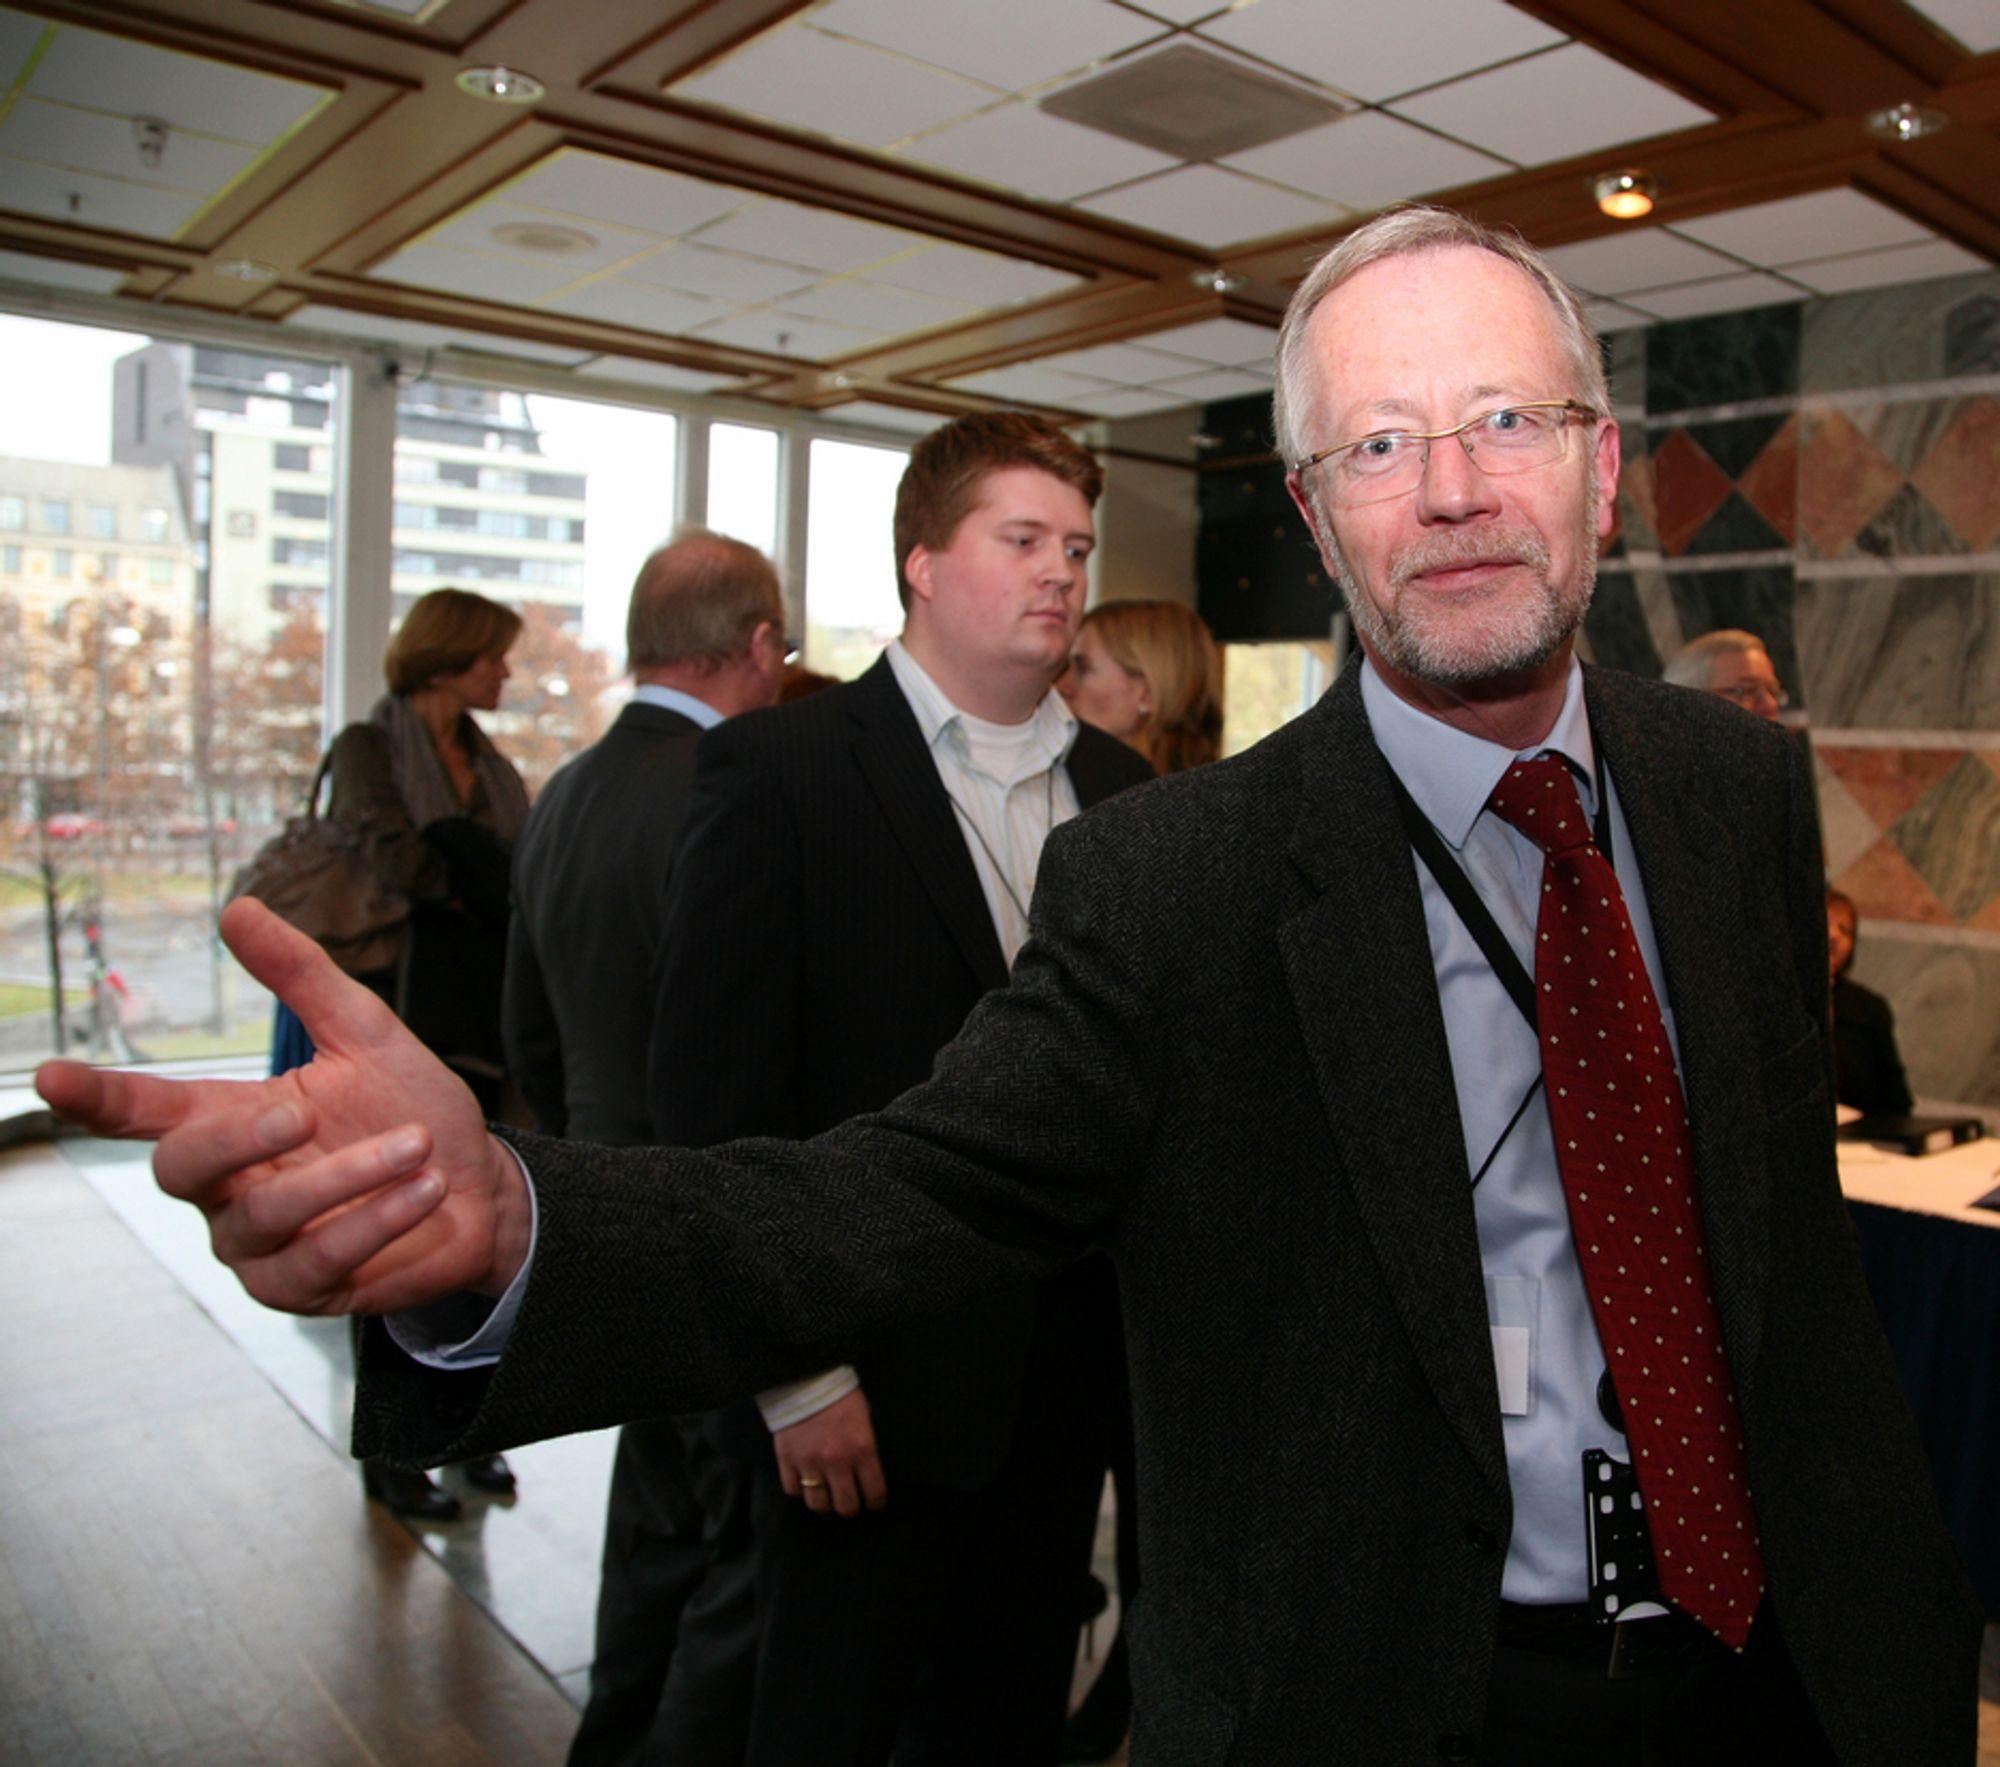 LØNN: Tor Steig mener den norske likhetstenkningen spiller inn.